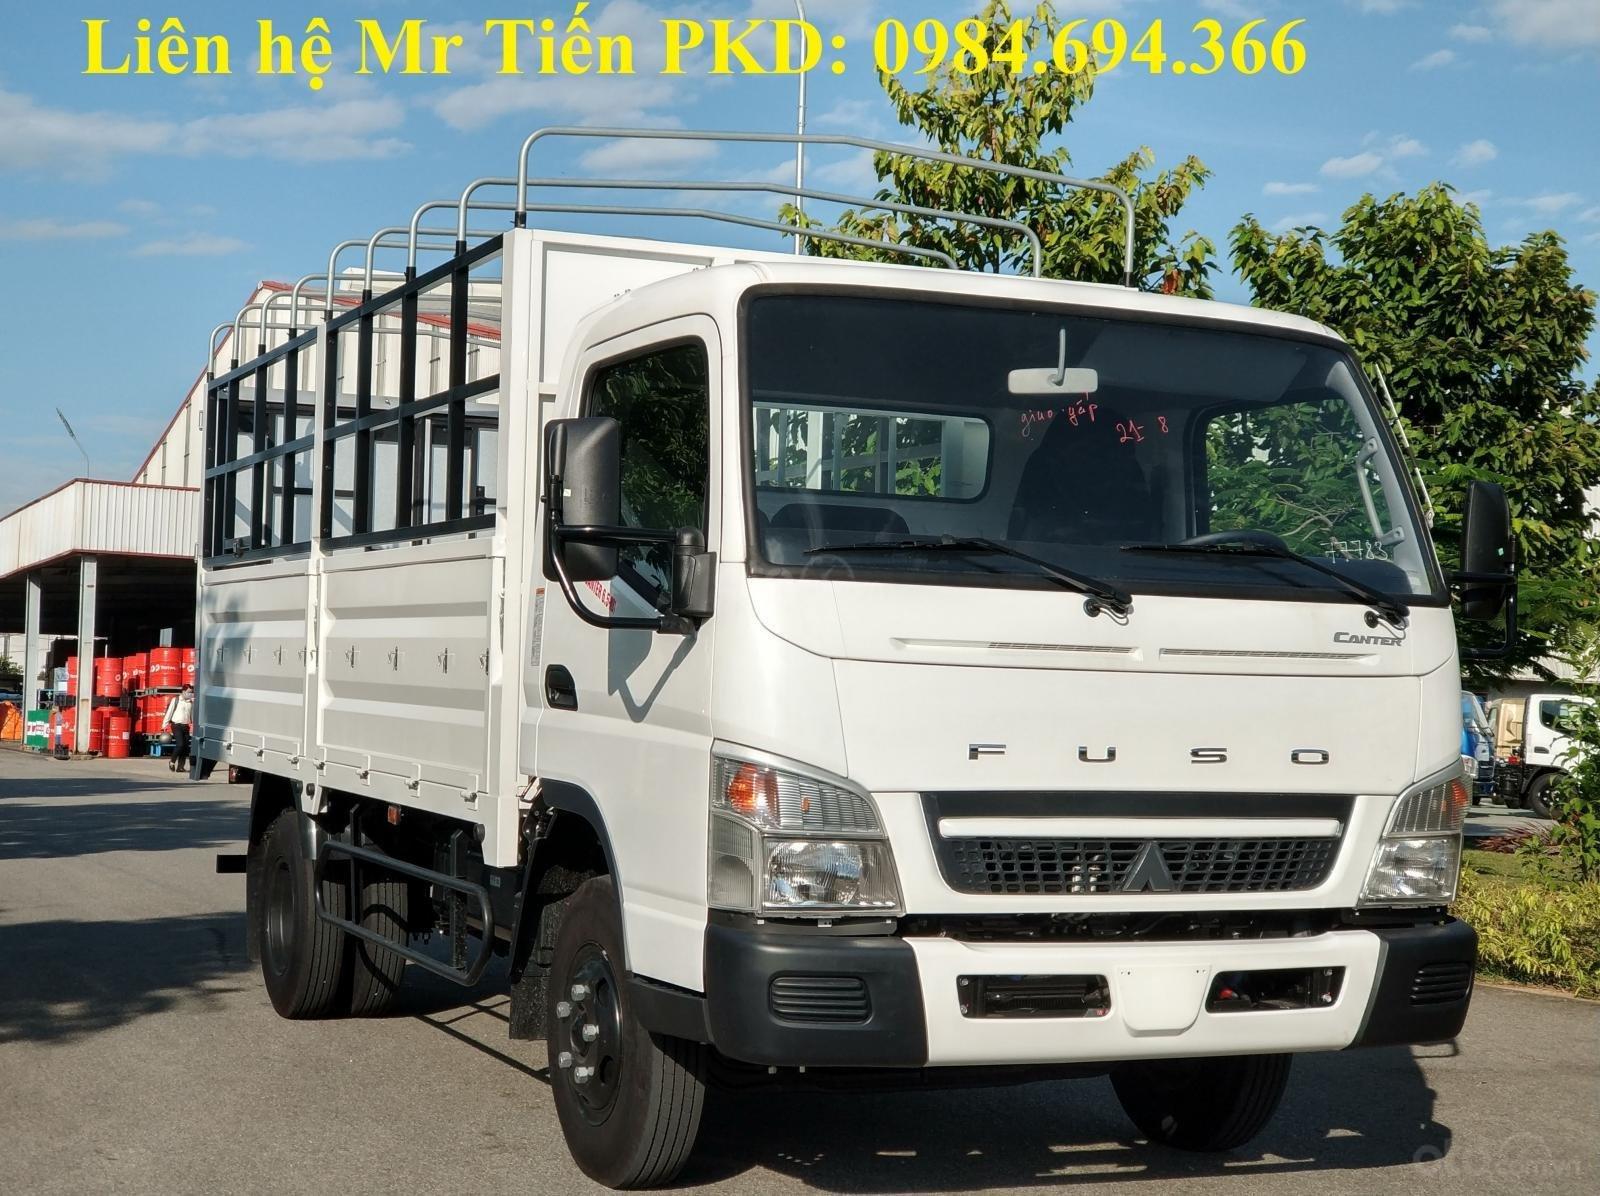 Bán xe tải nhập khẩu Mitsubishi Canter 6.5 tải 3.4 tấn, thùng dài 4.3m, hỗ trợ trả góp 80% (2)